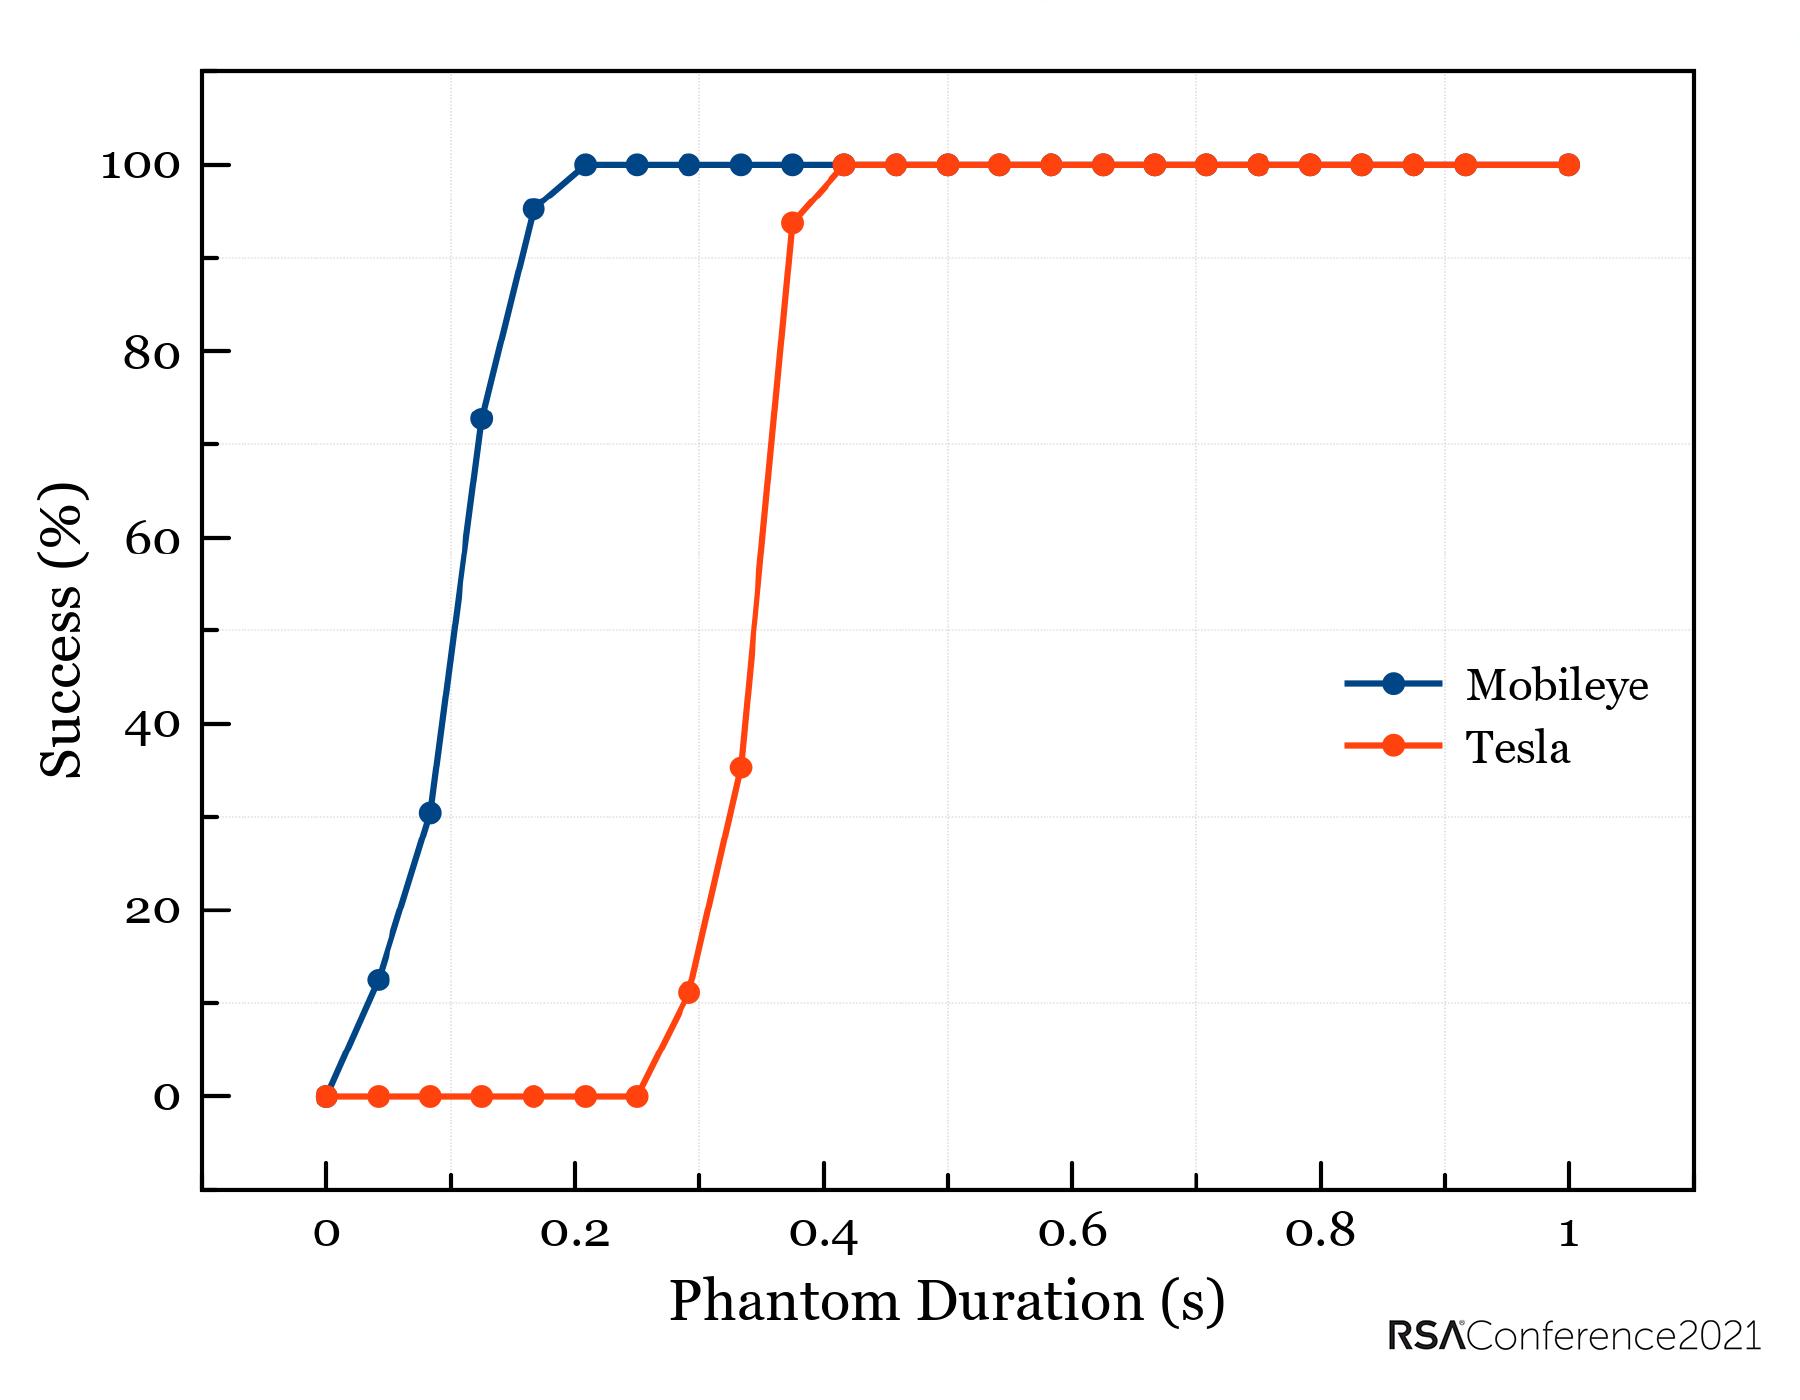 Tiempo de reacción de los sistemas de reconocimiento de Tesla y Mobileye ante una imagen fantasma